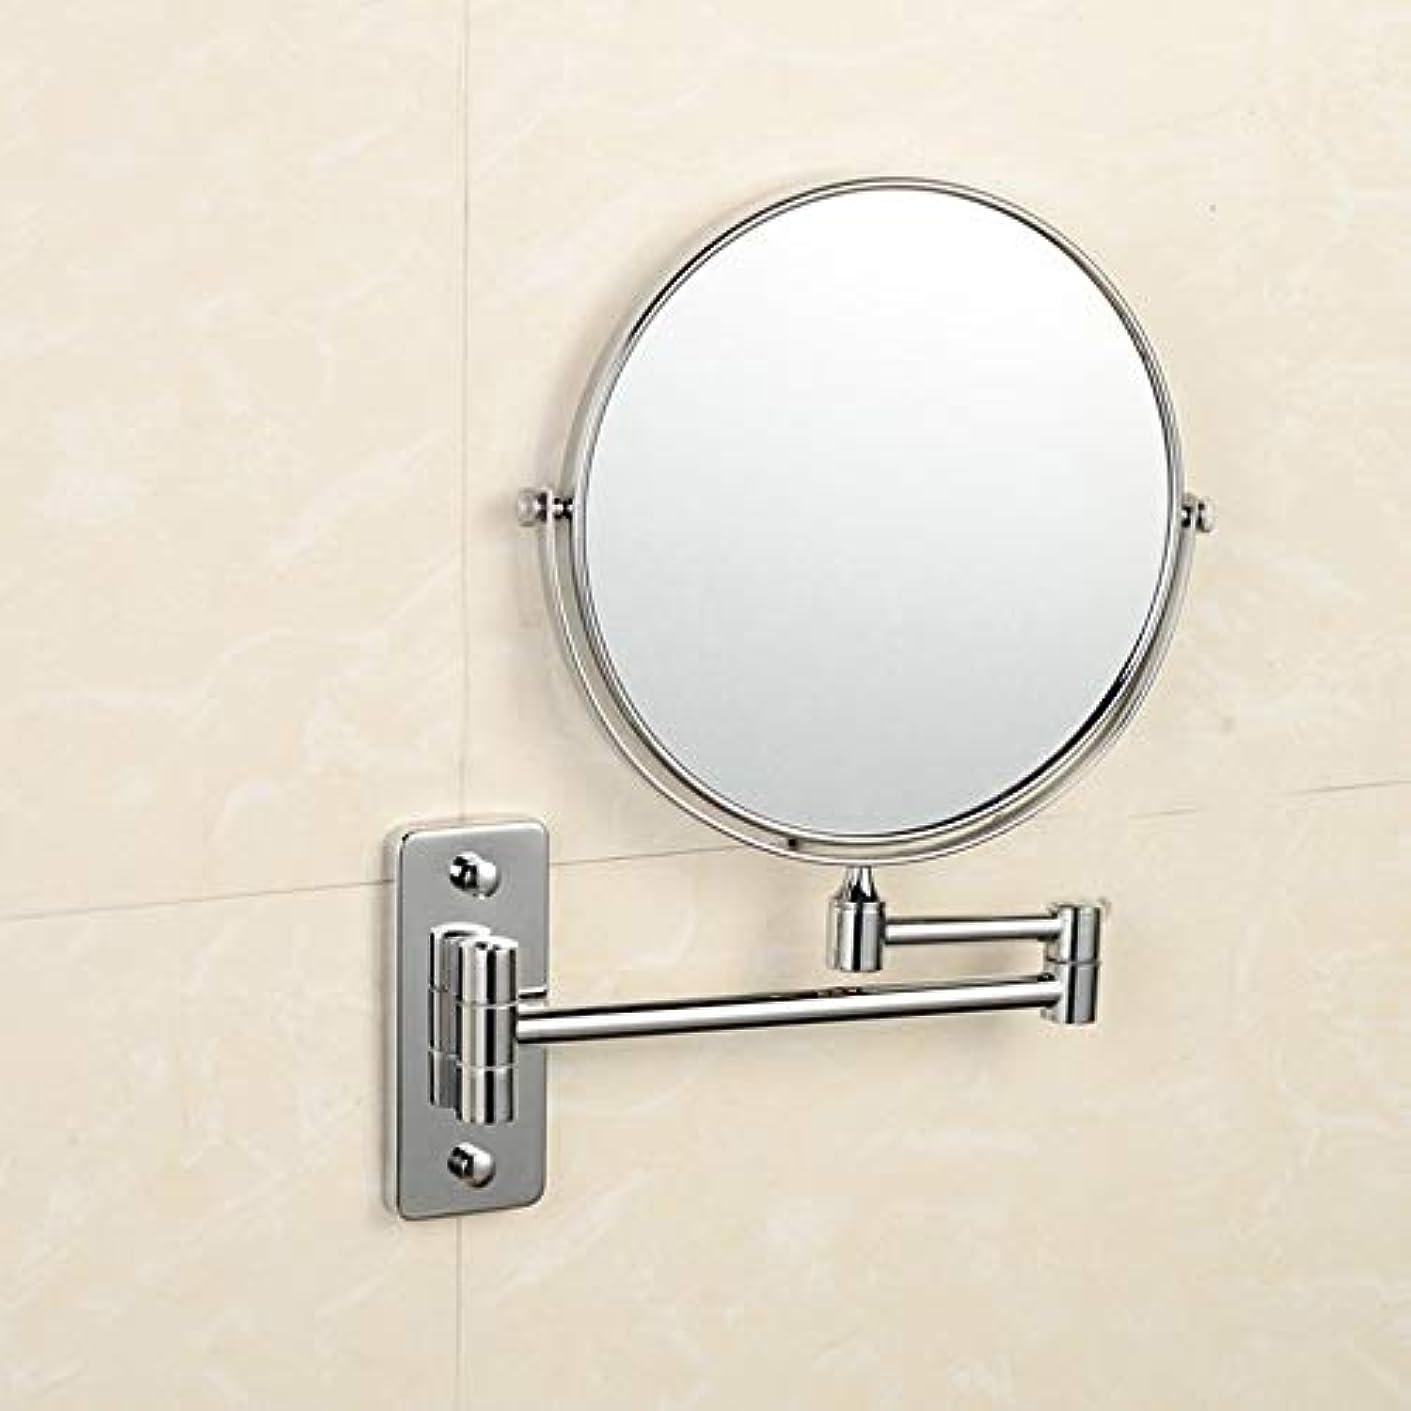 メロディー別の修正する流行の 銅浴室鏡折りたたみ伸縮性格人格美人表裏面360度回転壁掛け虫眼鏡ミラーシルバーホームビューティーミラー浴室